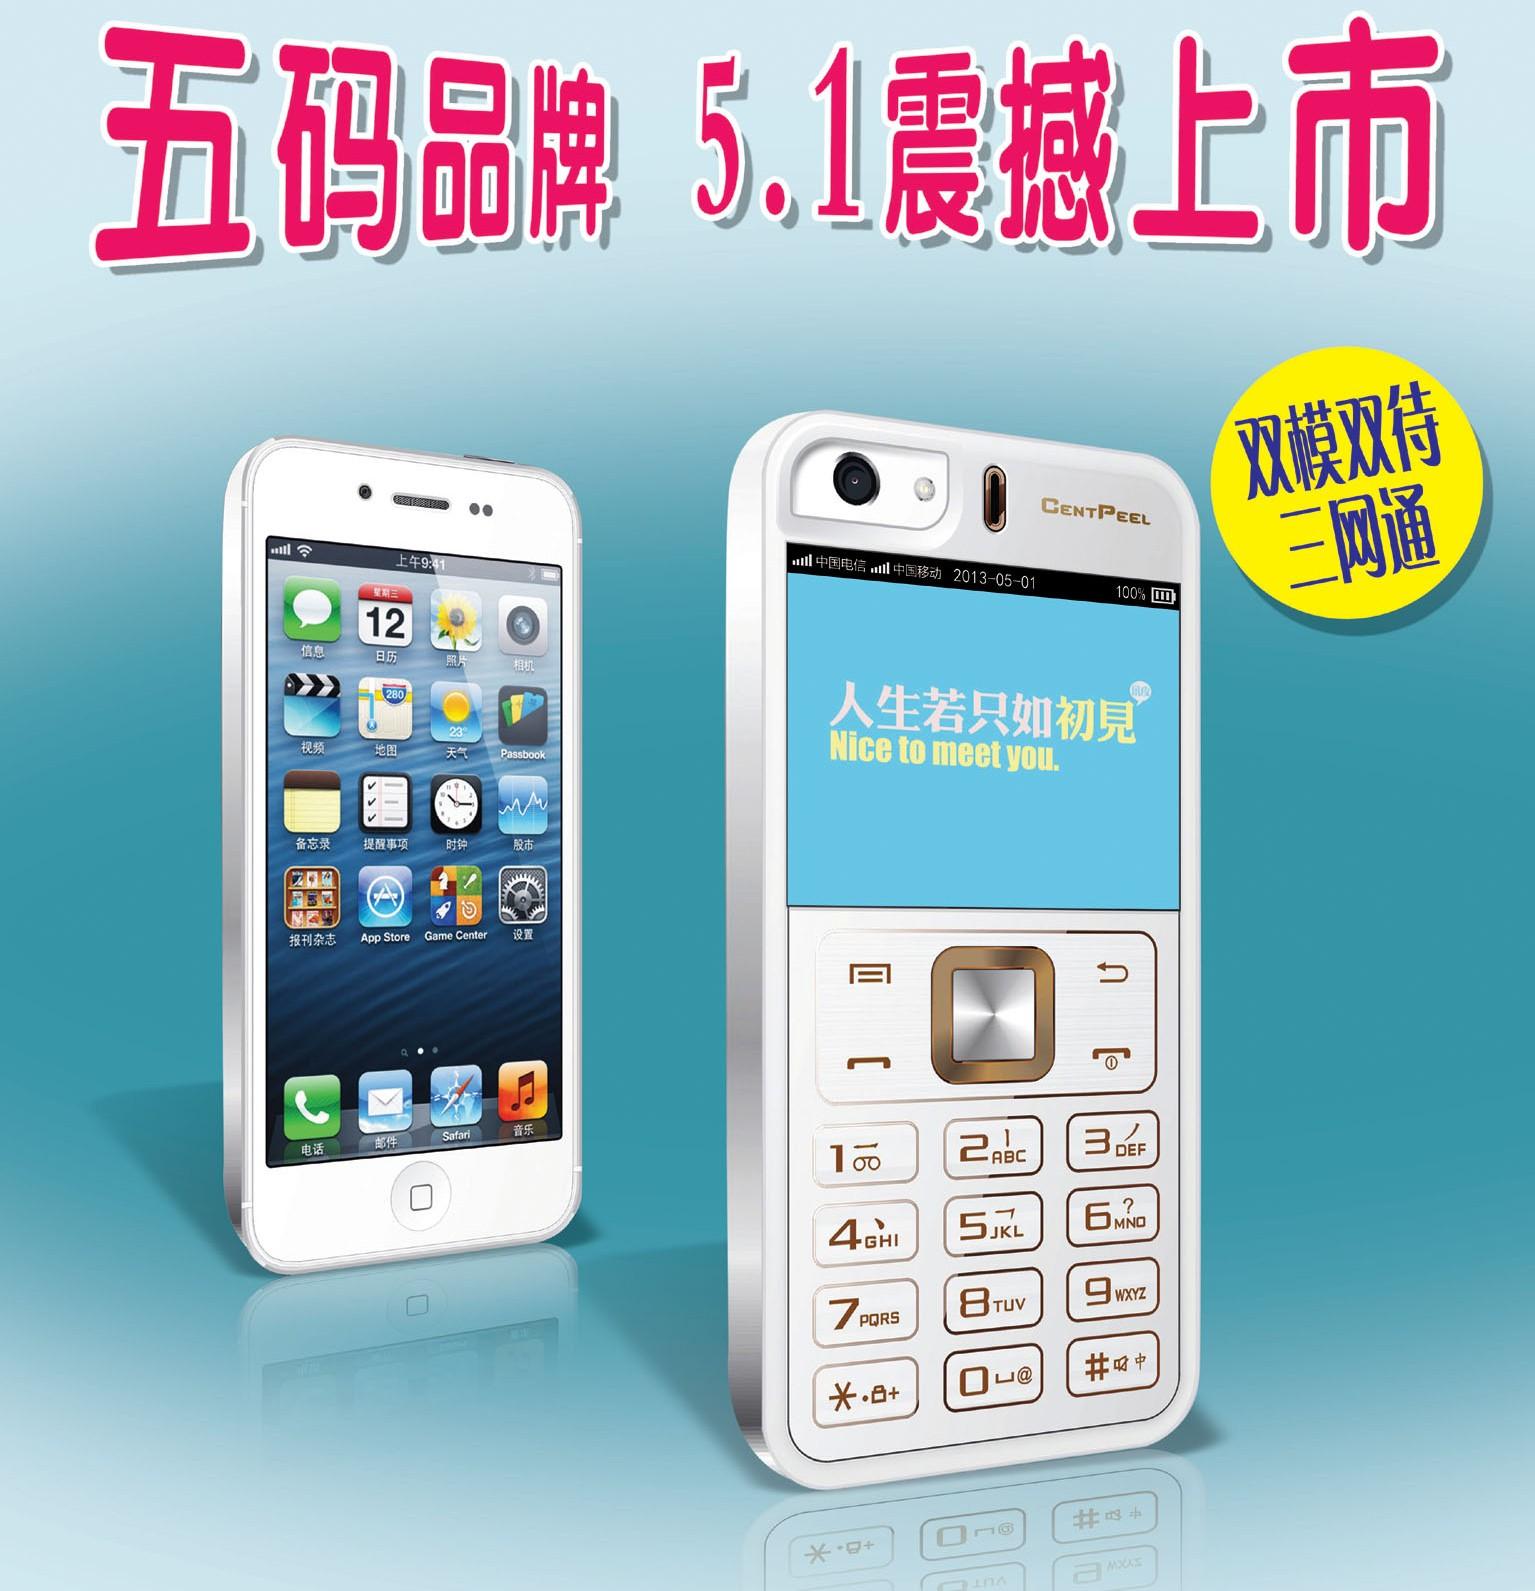 电信苹果皮定金 电信手机电信卡 唯一支持CDM